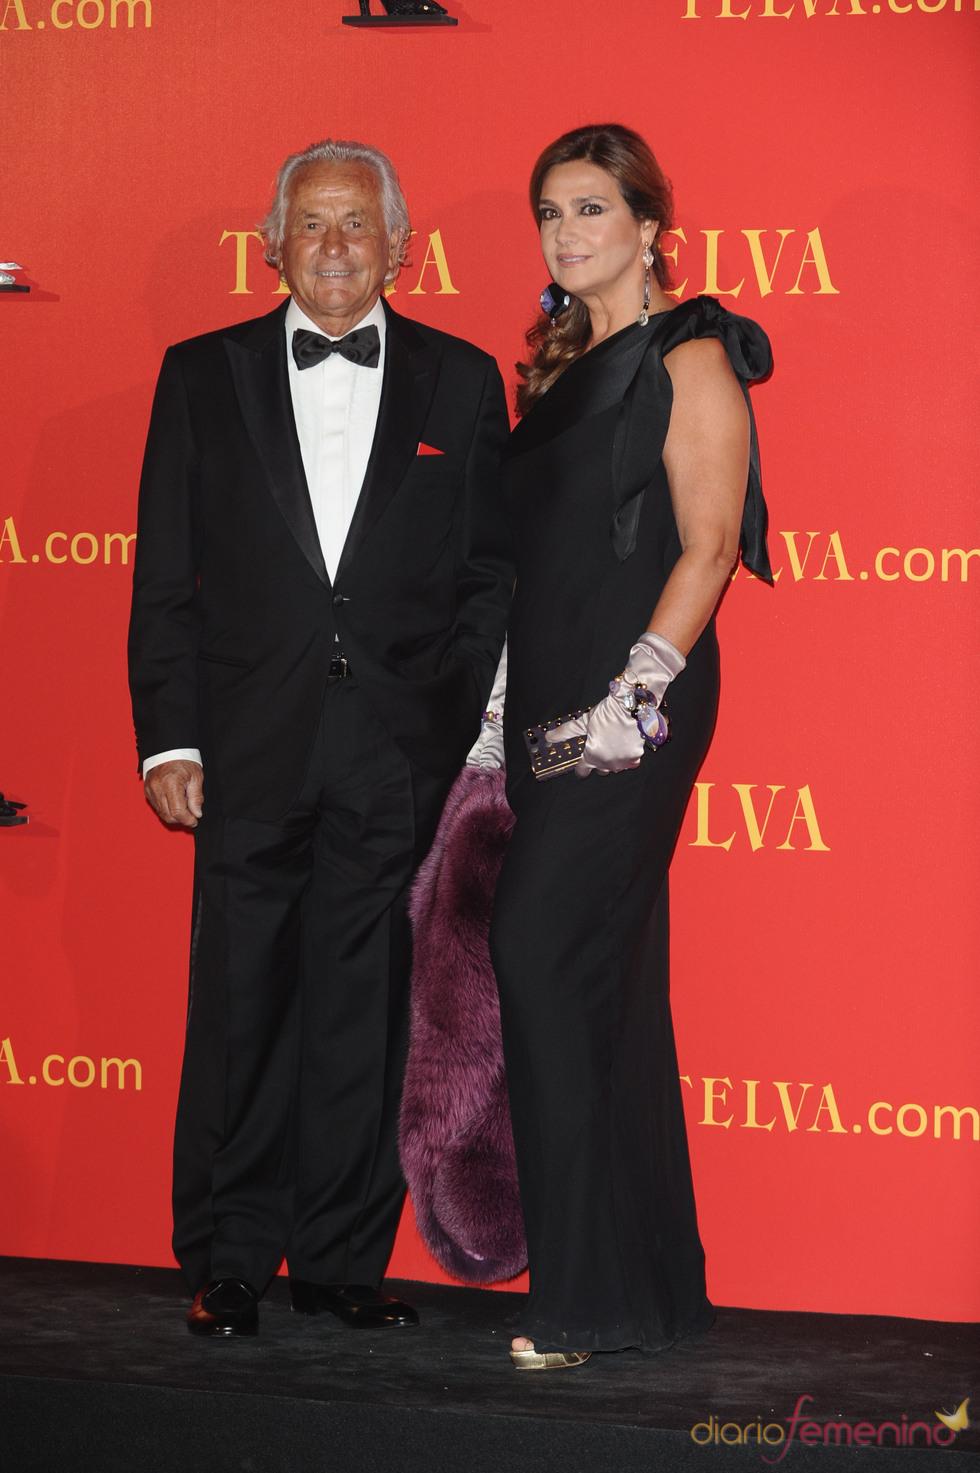 Palomo Linares y Marina Danko en los Premios Telva 2010